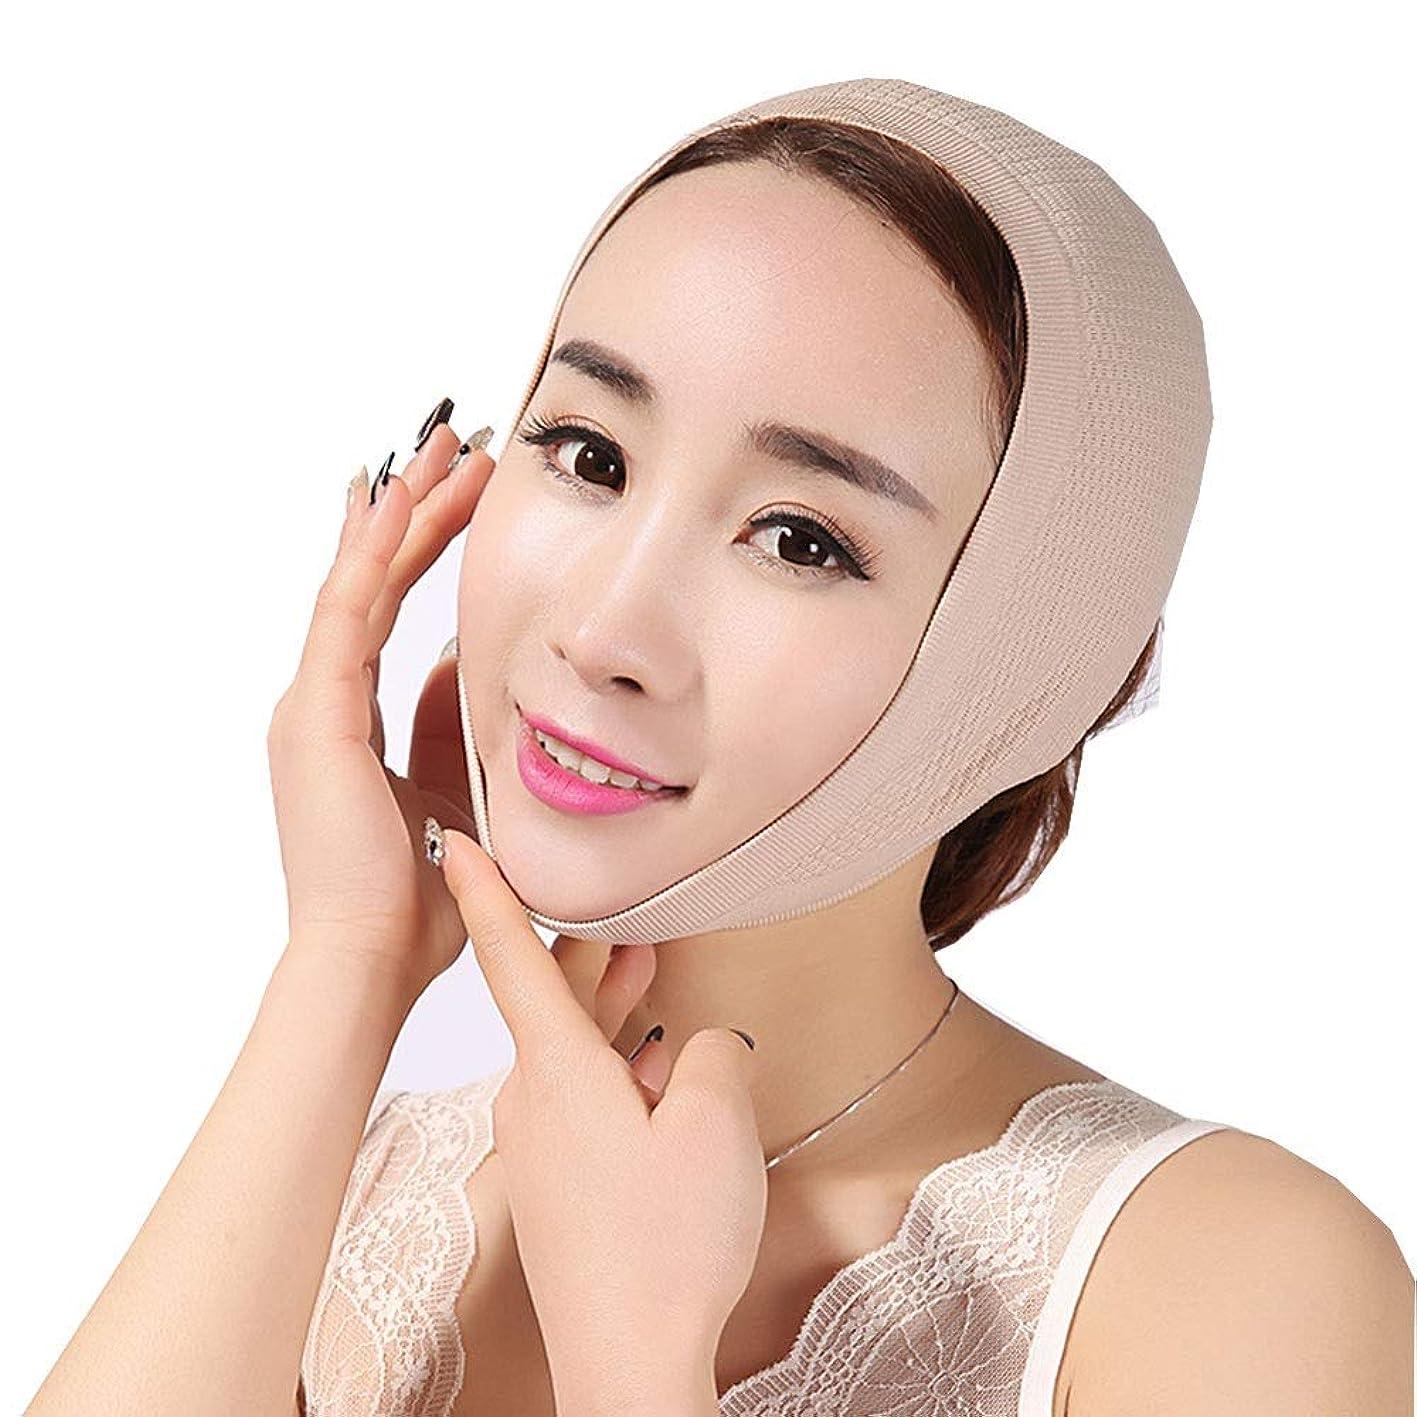 うなり声スペイン語人種GYZ フェイスマスクで眠る薄い顔フェイスリフトフェイスリフトアーティファクトスモールフェイスVフェイスリフト付きフェイスフェイス包帯引き上げジョーセット Thin Face Belt